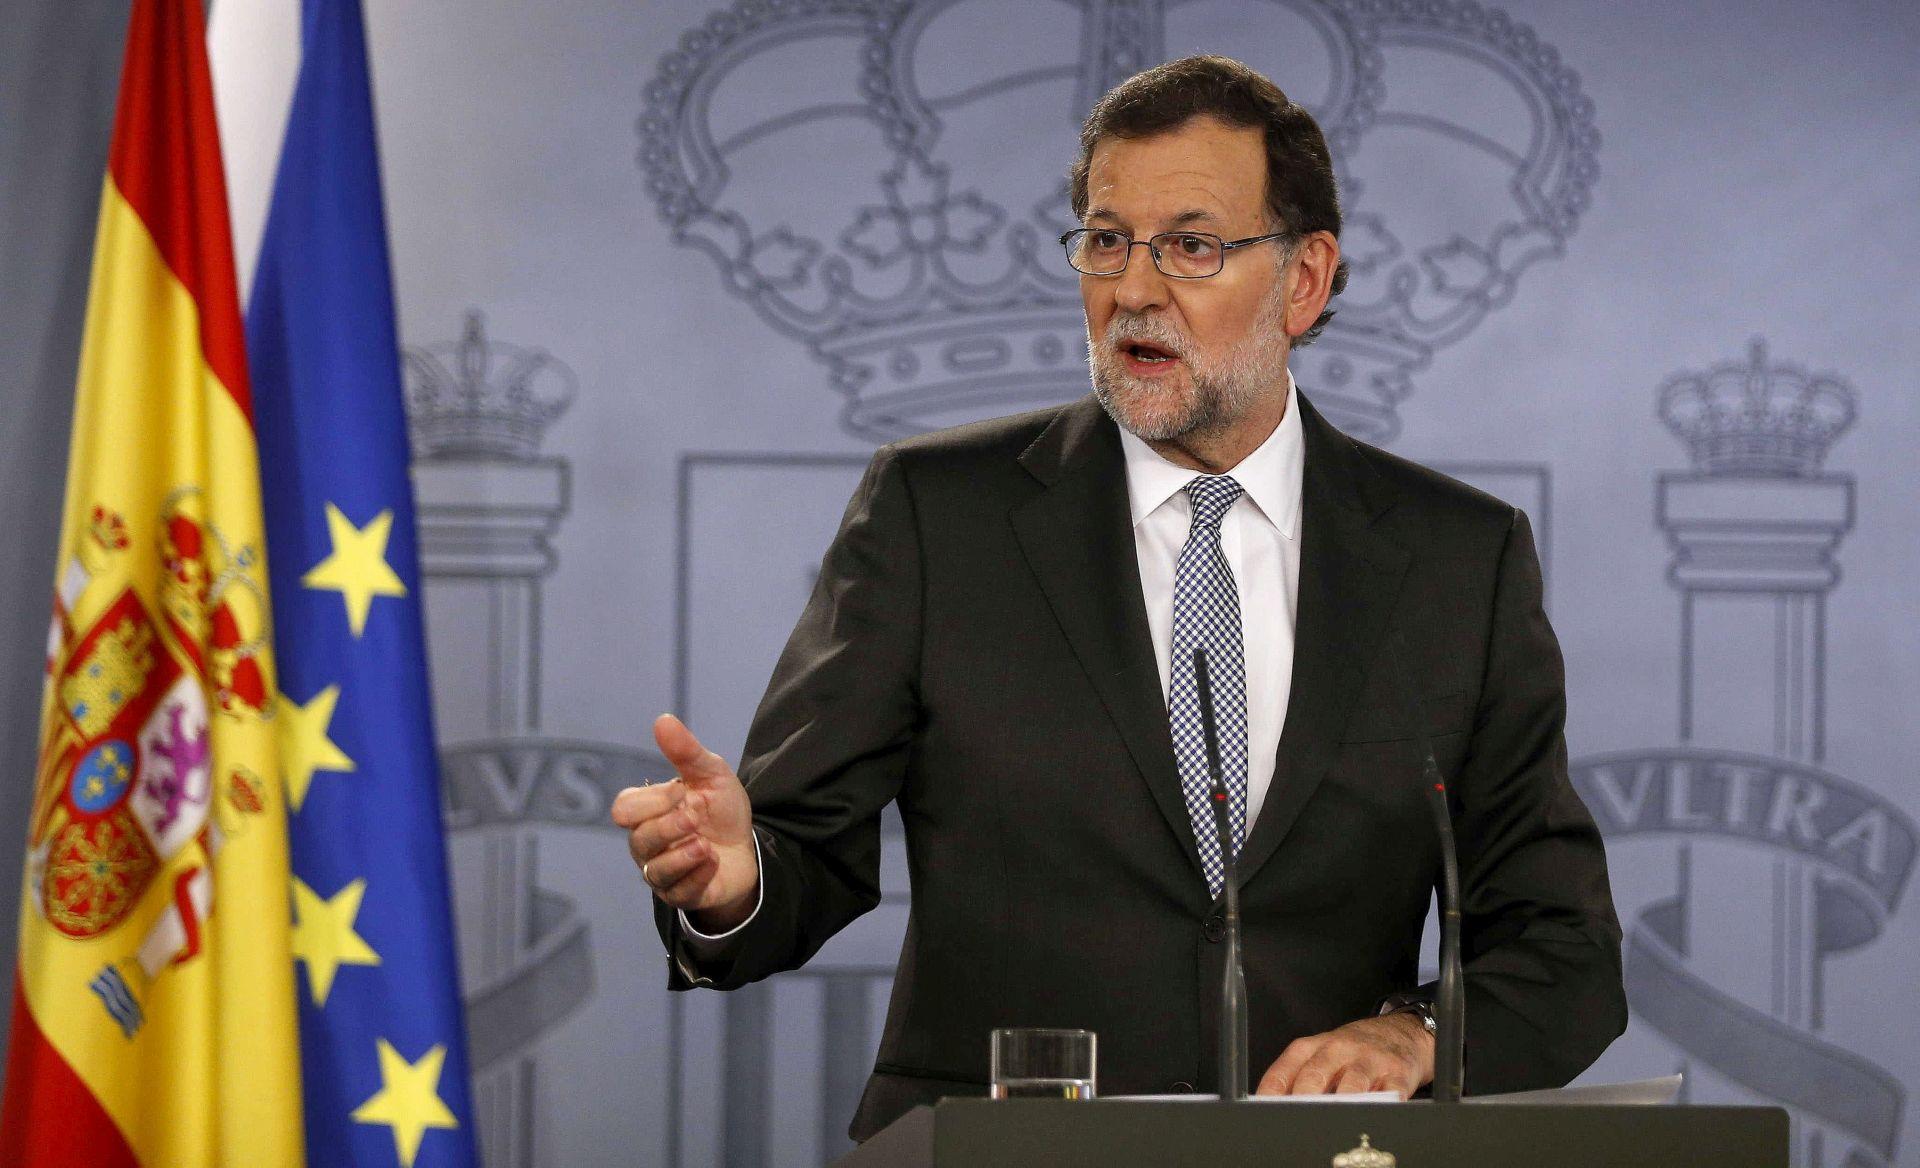 PONOVLJENI IZBORI: Mariano Rajoy vjeruje u pobjedu u lipnju